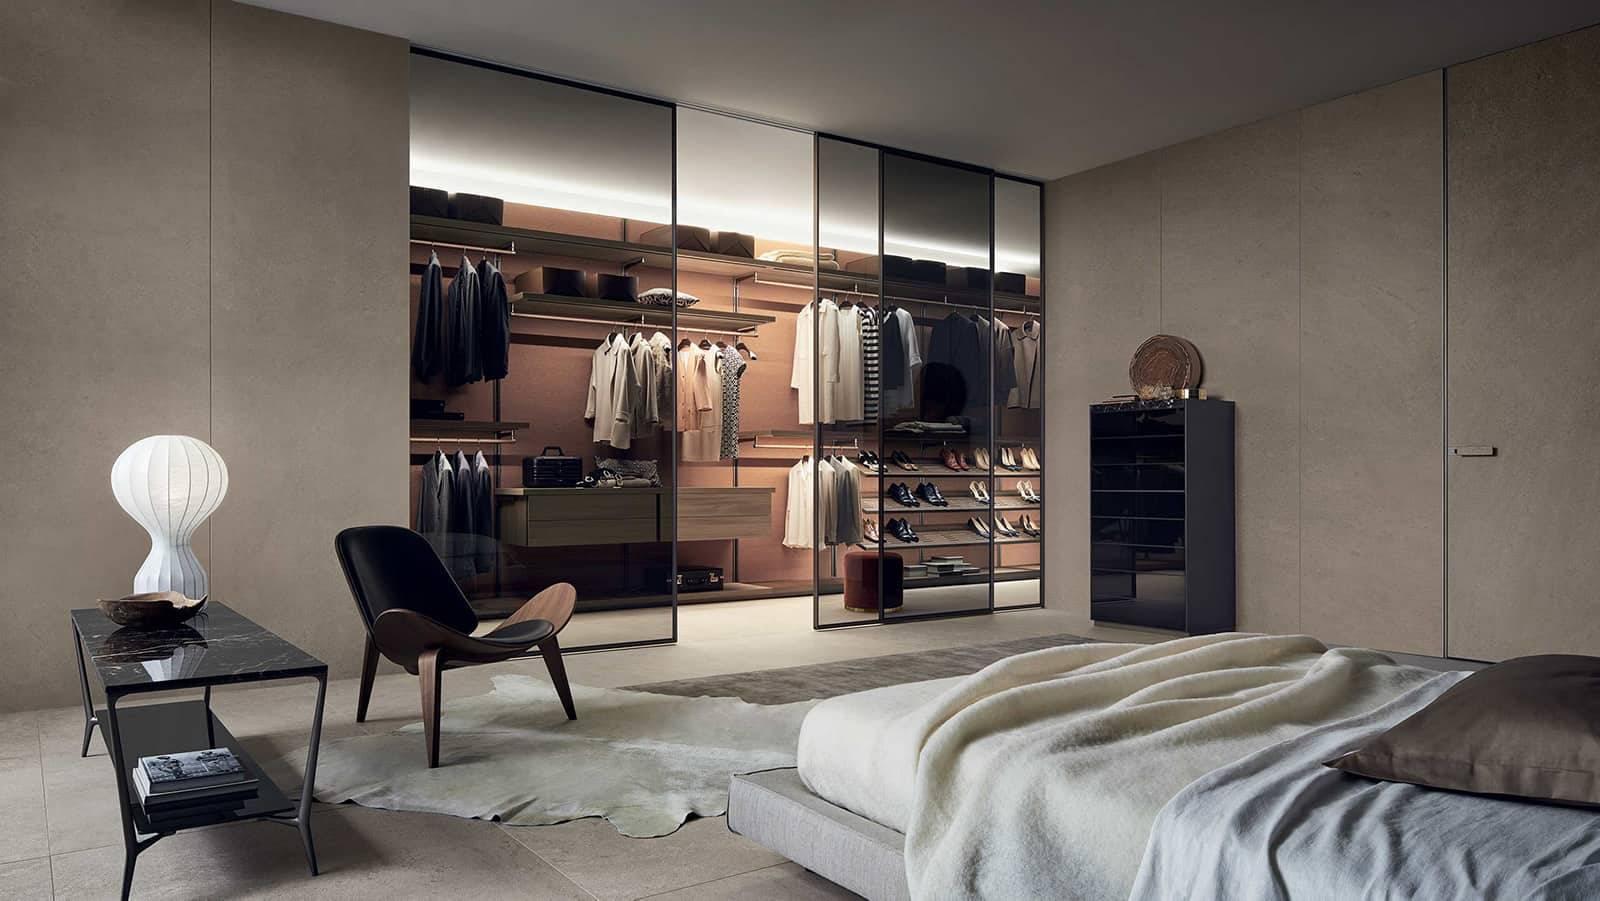 luxe inloopkast op maat met stoffen achterbekleding en lederen en houten kastinterieur RImadesio Dress Bold